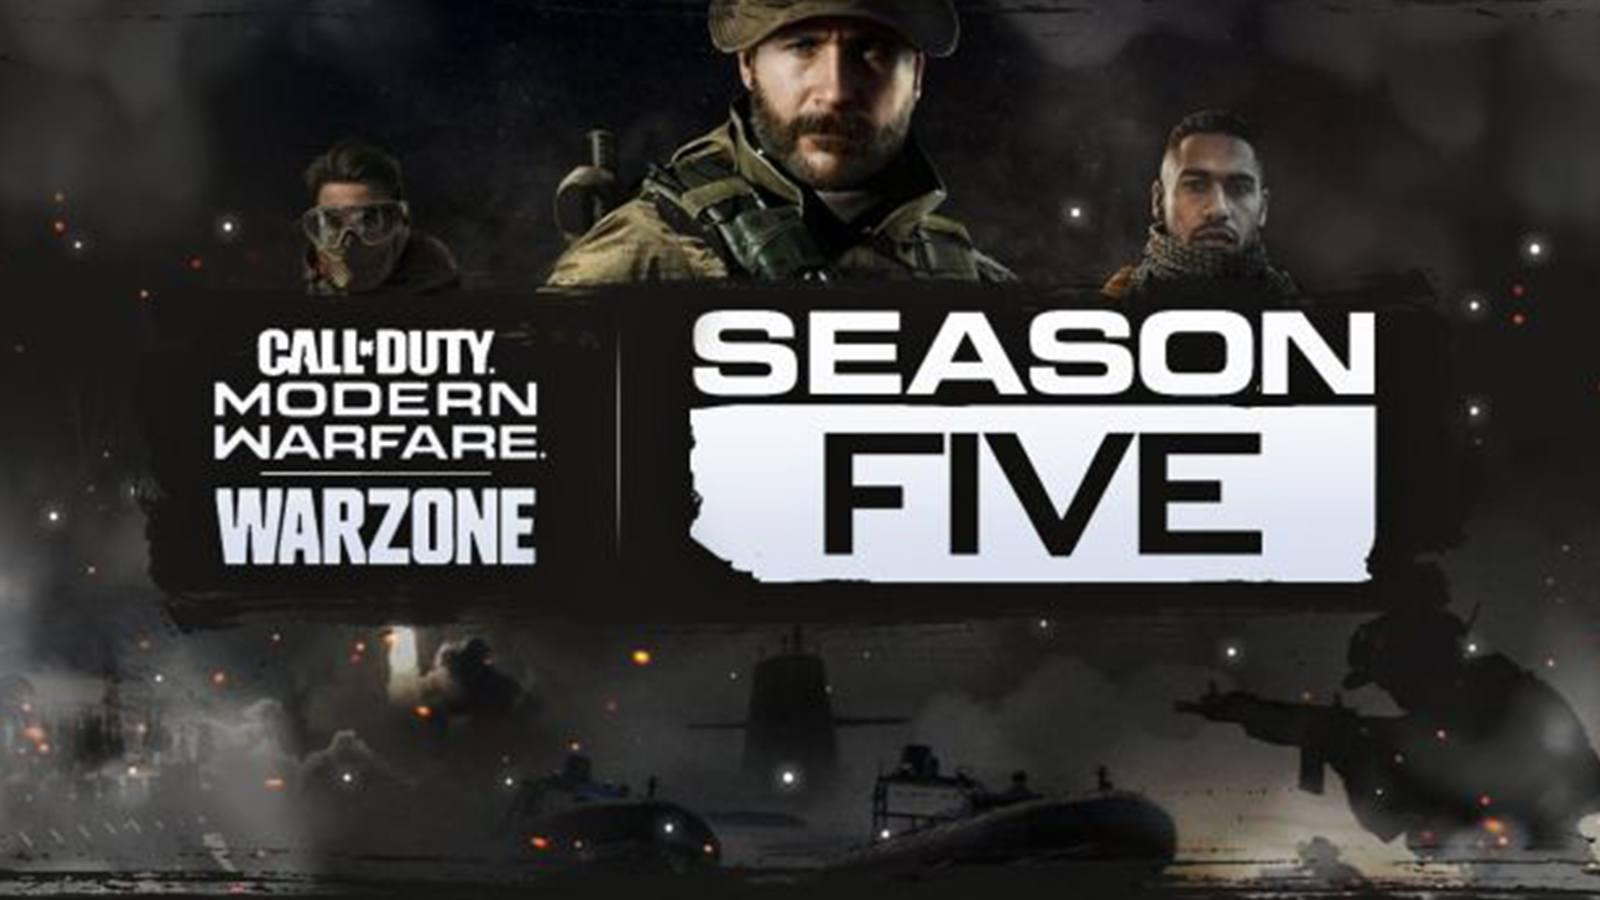 La Stagione 5 di COD Modern Warfare avrà inizio il 5 Agosto